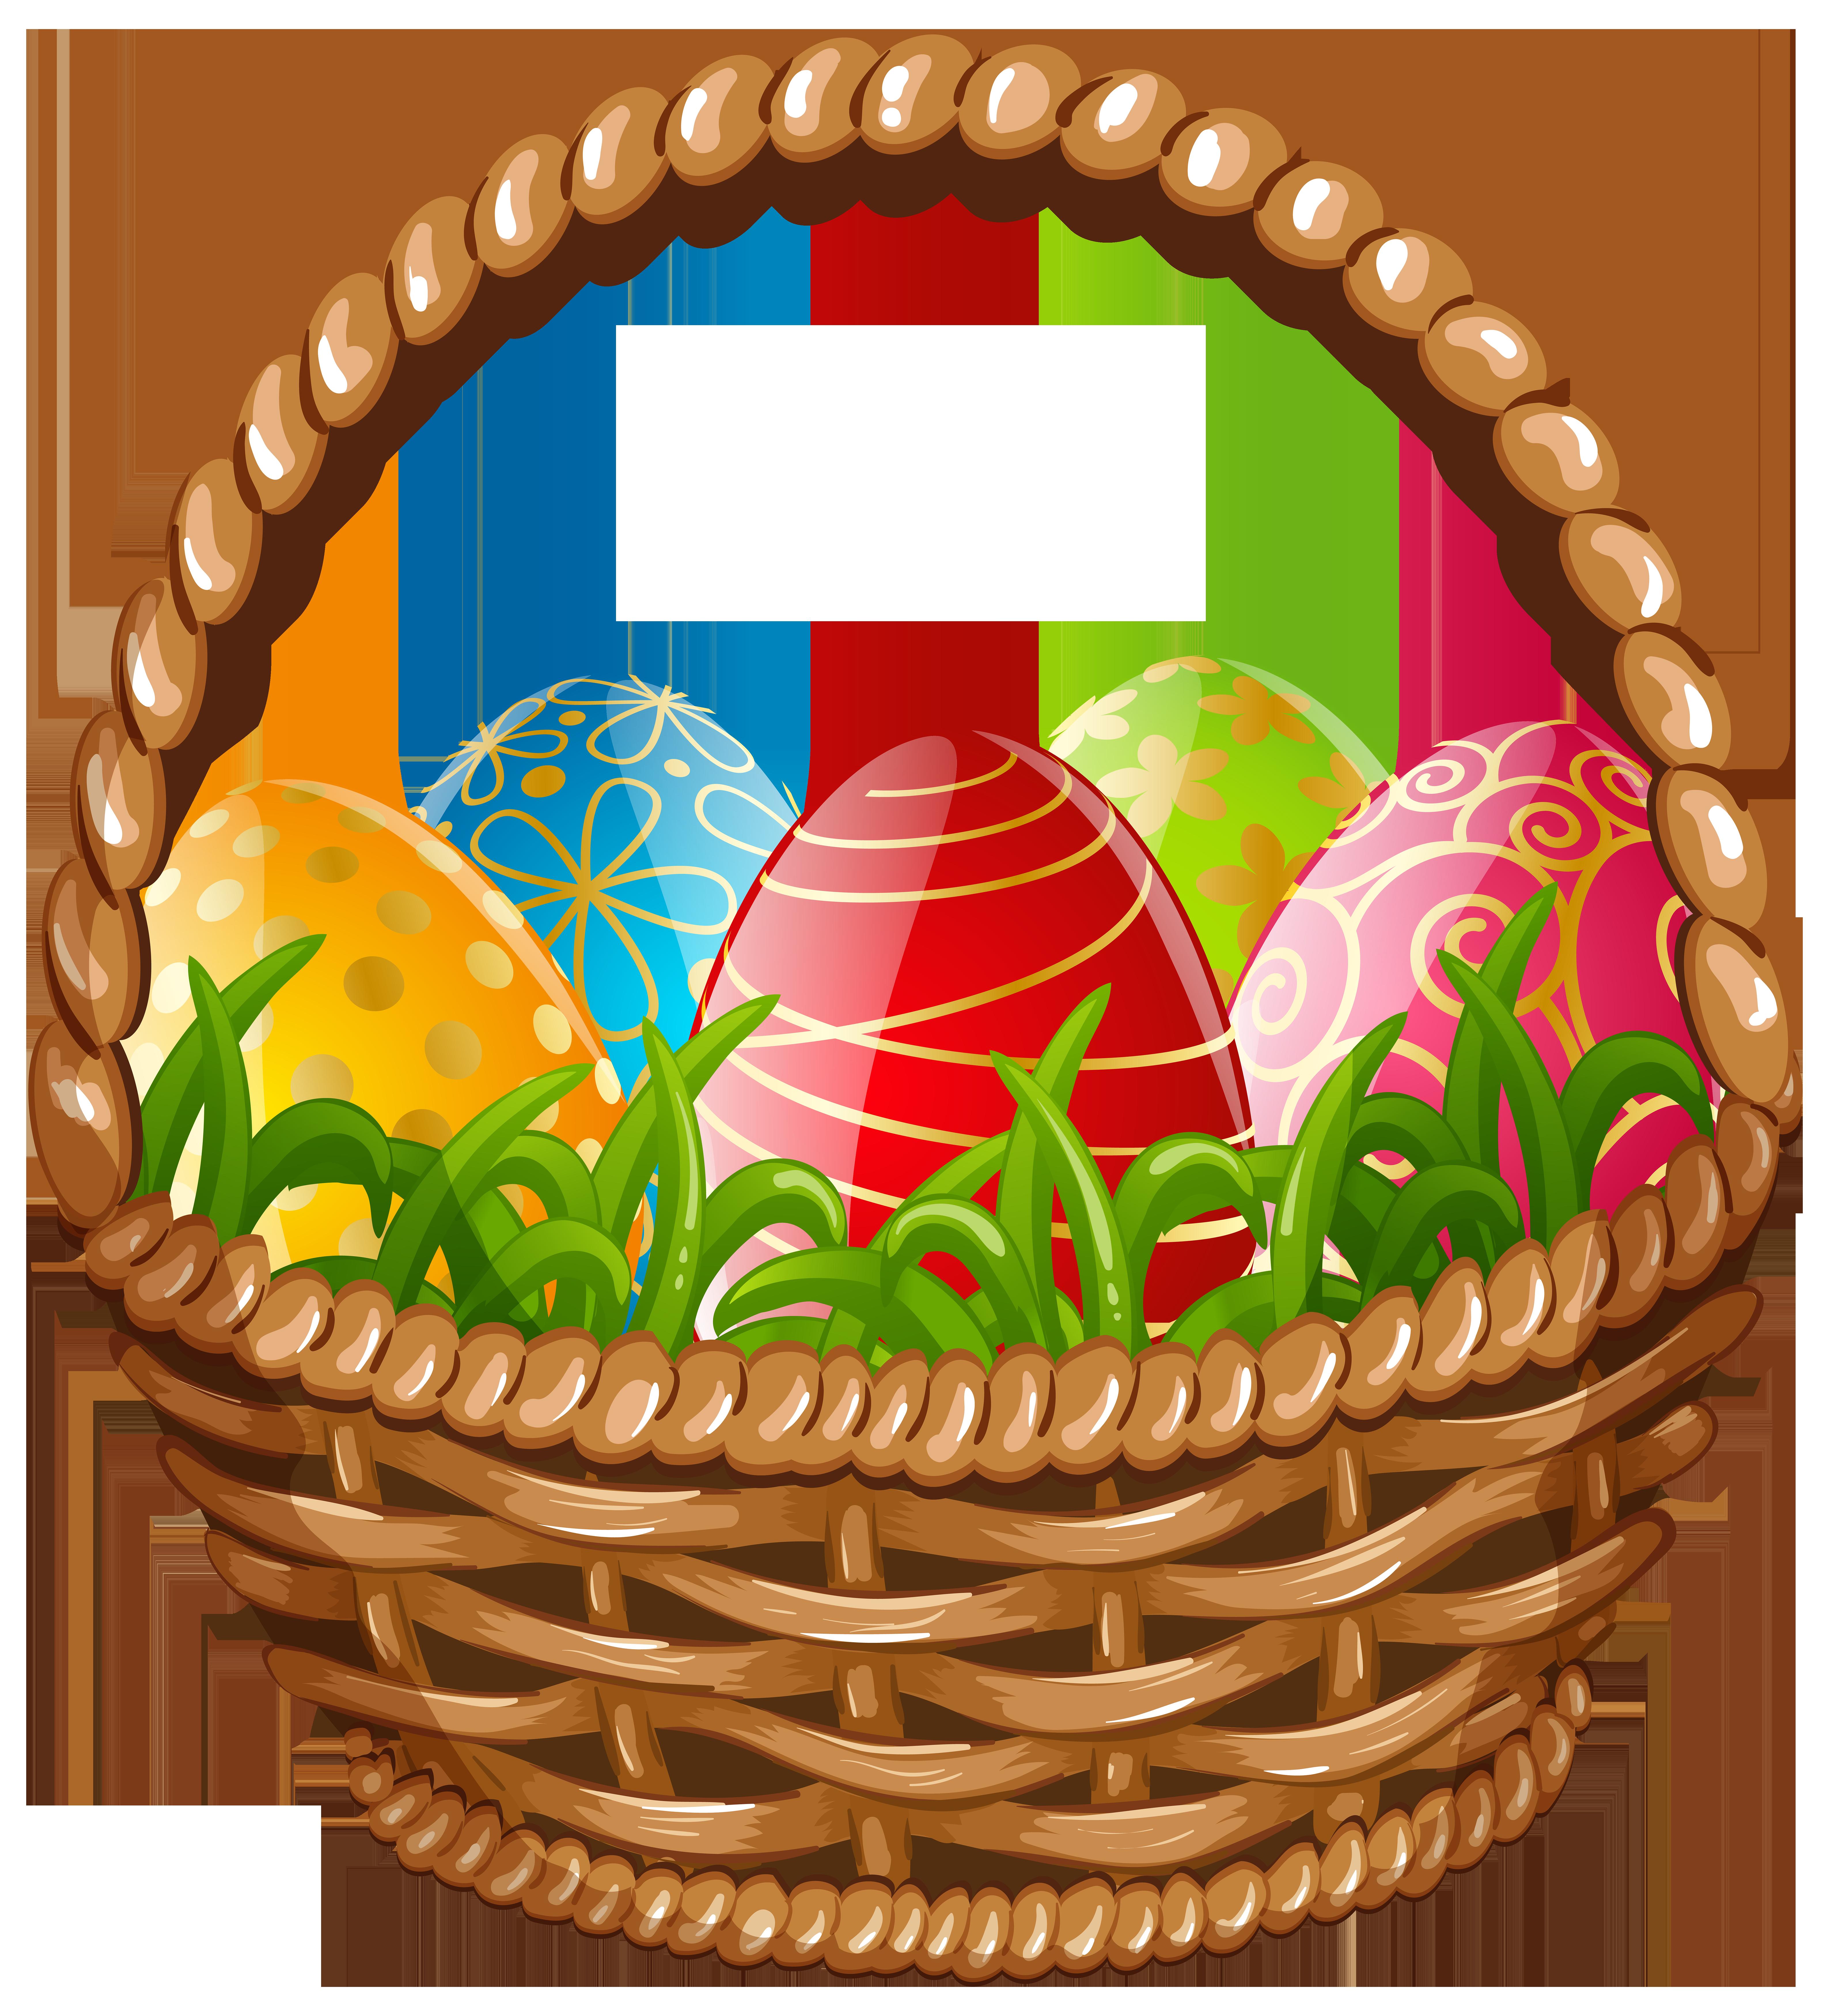 Easter Egg Basket PNG Clip Art Image.